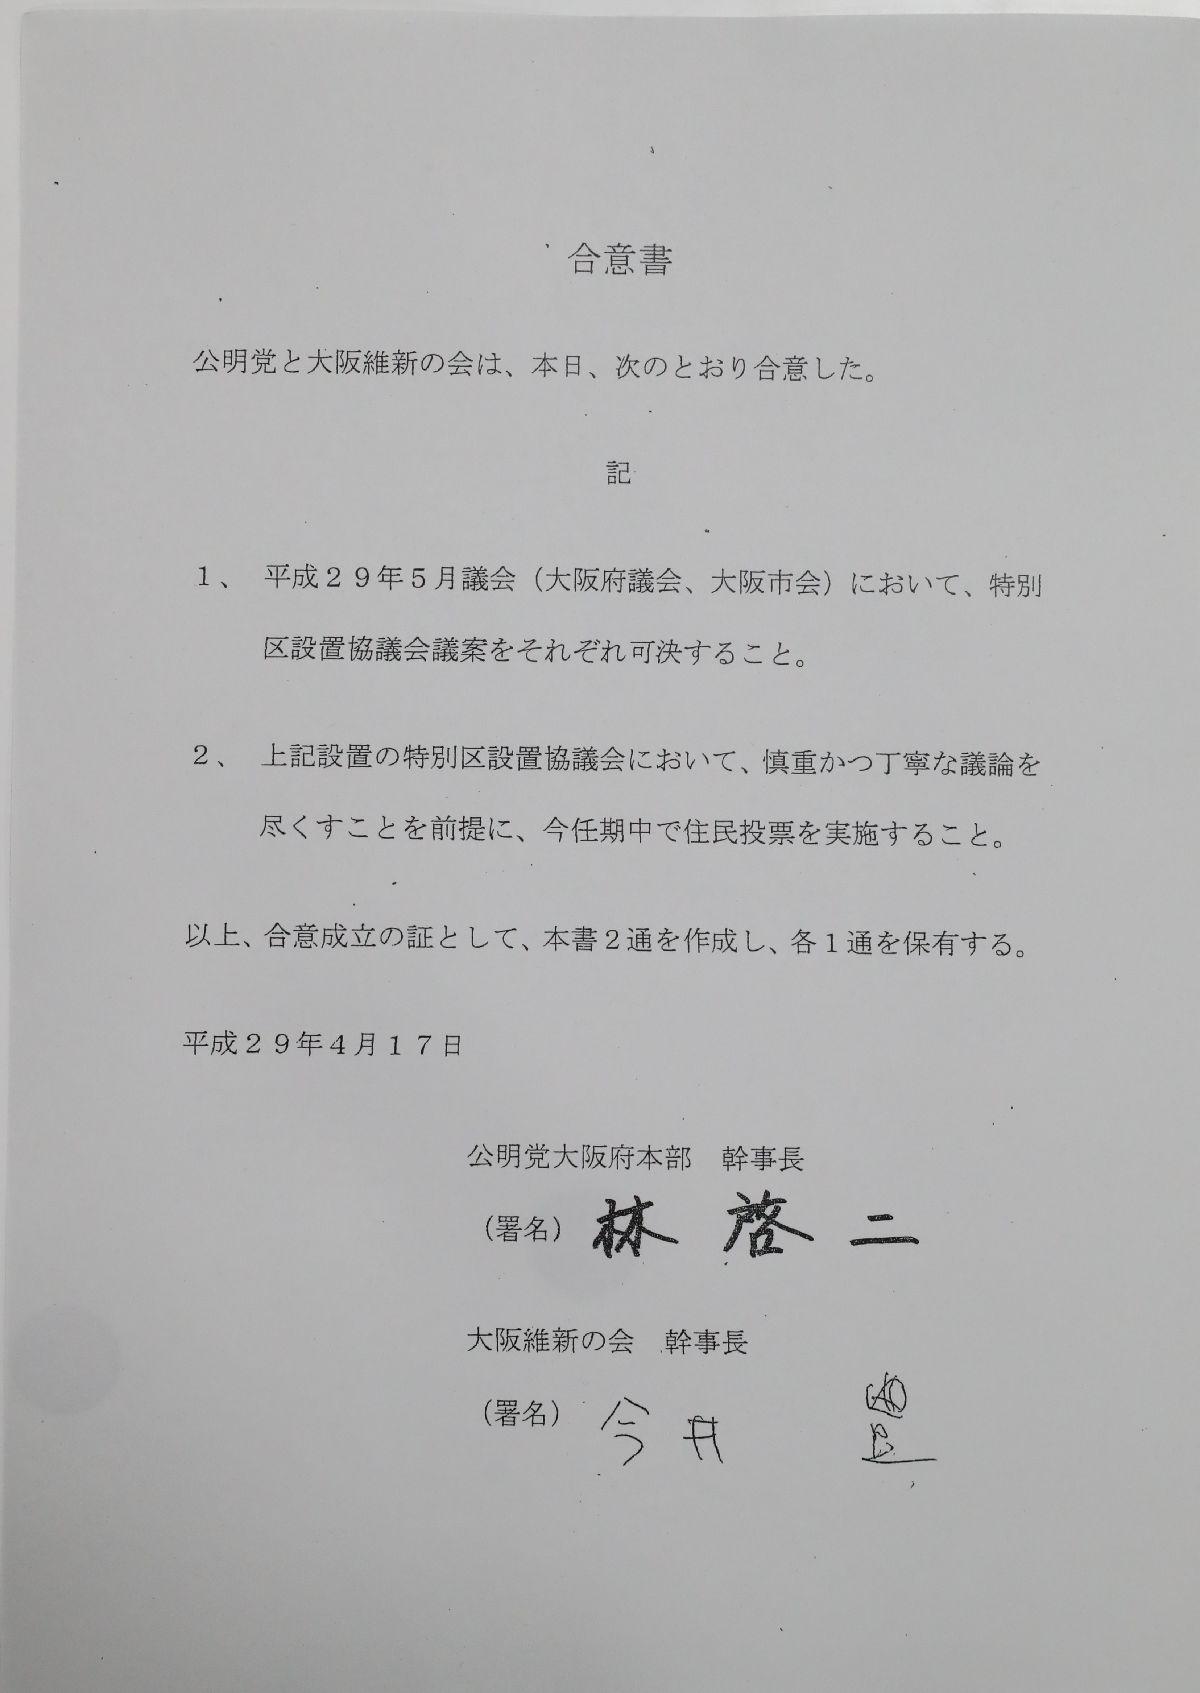 写真・図版 : 大阪都構想につい維新が公明党と交わしたとされる合意文書のコピー